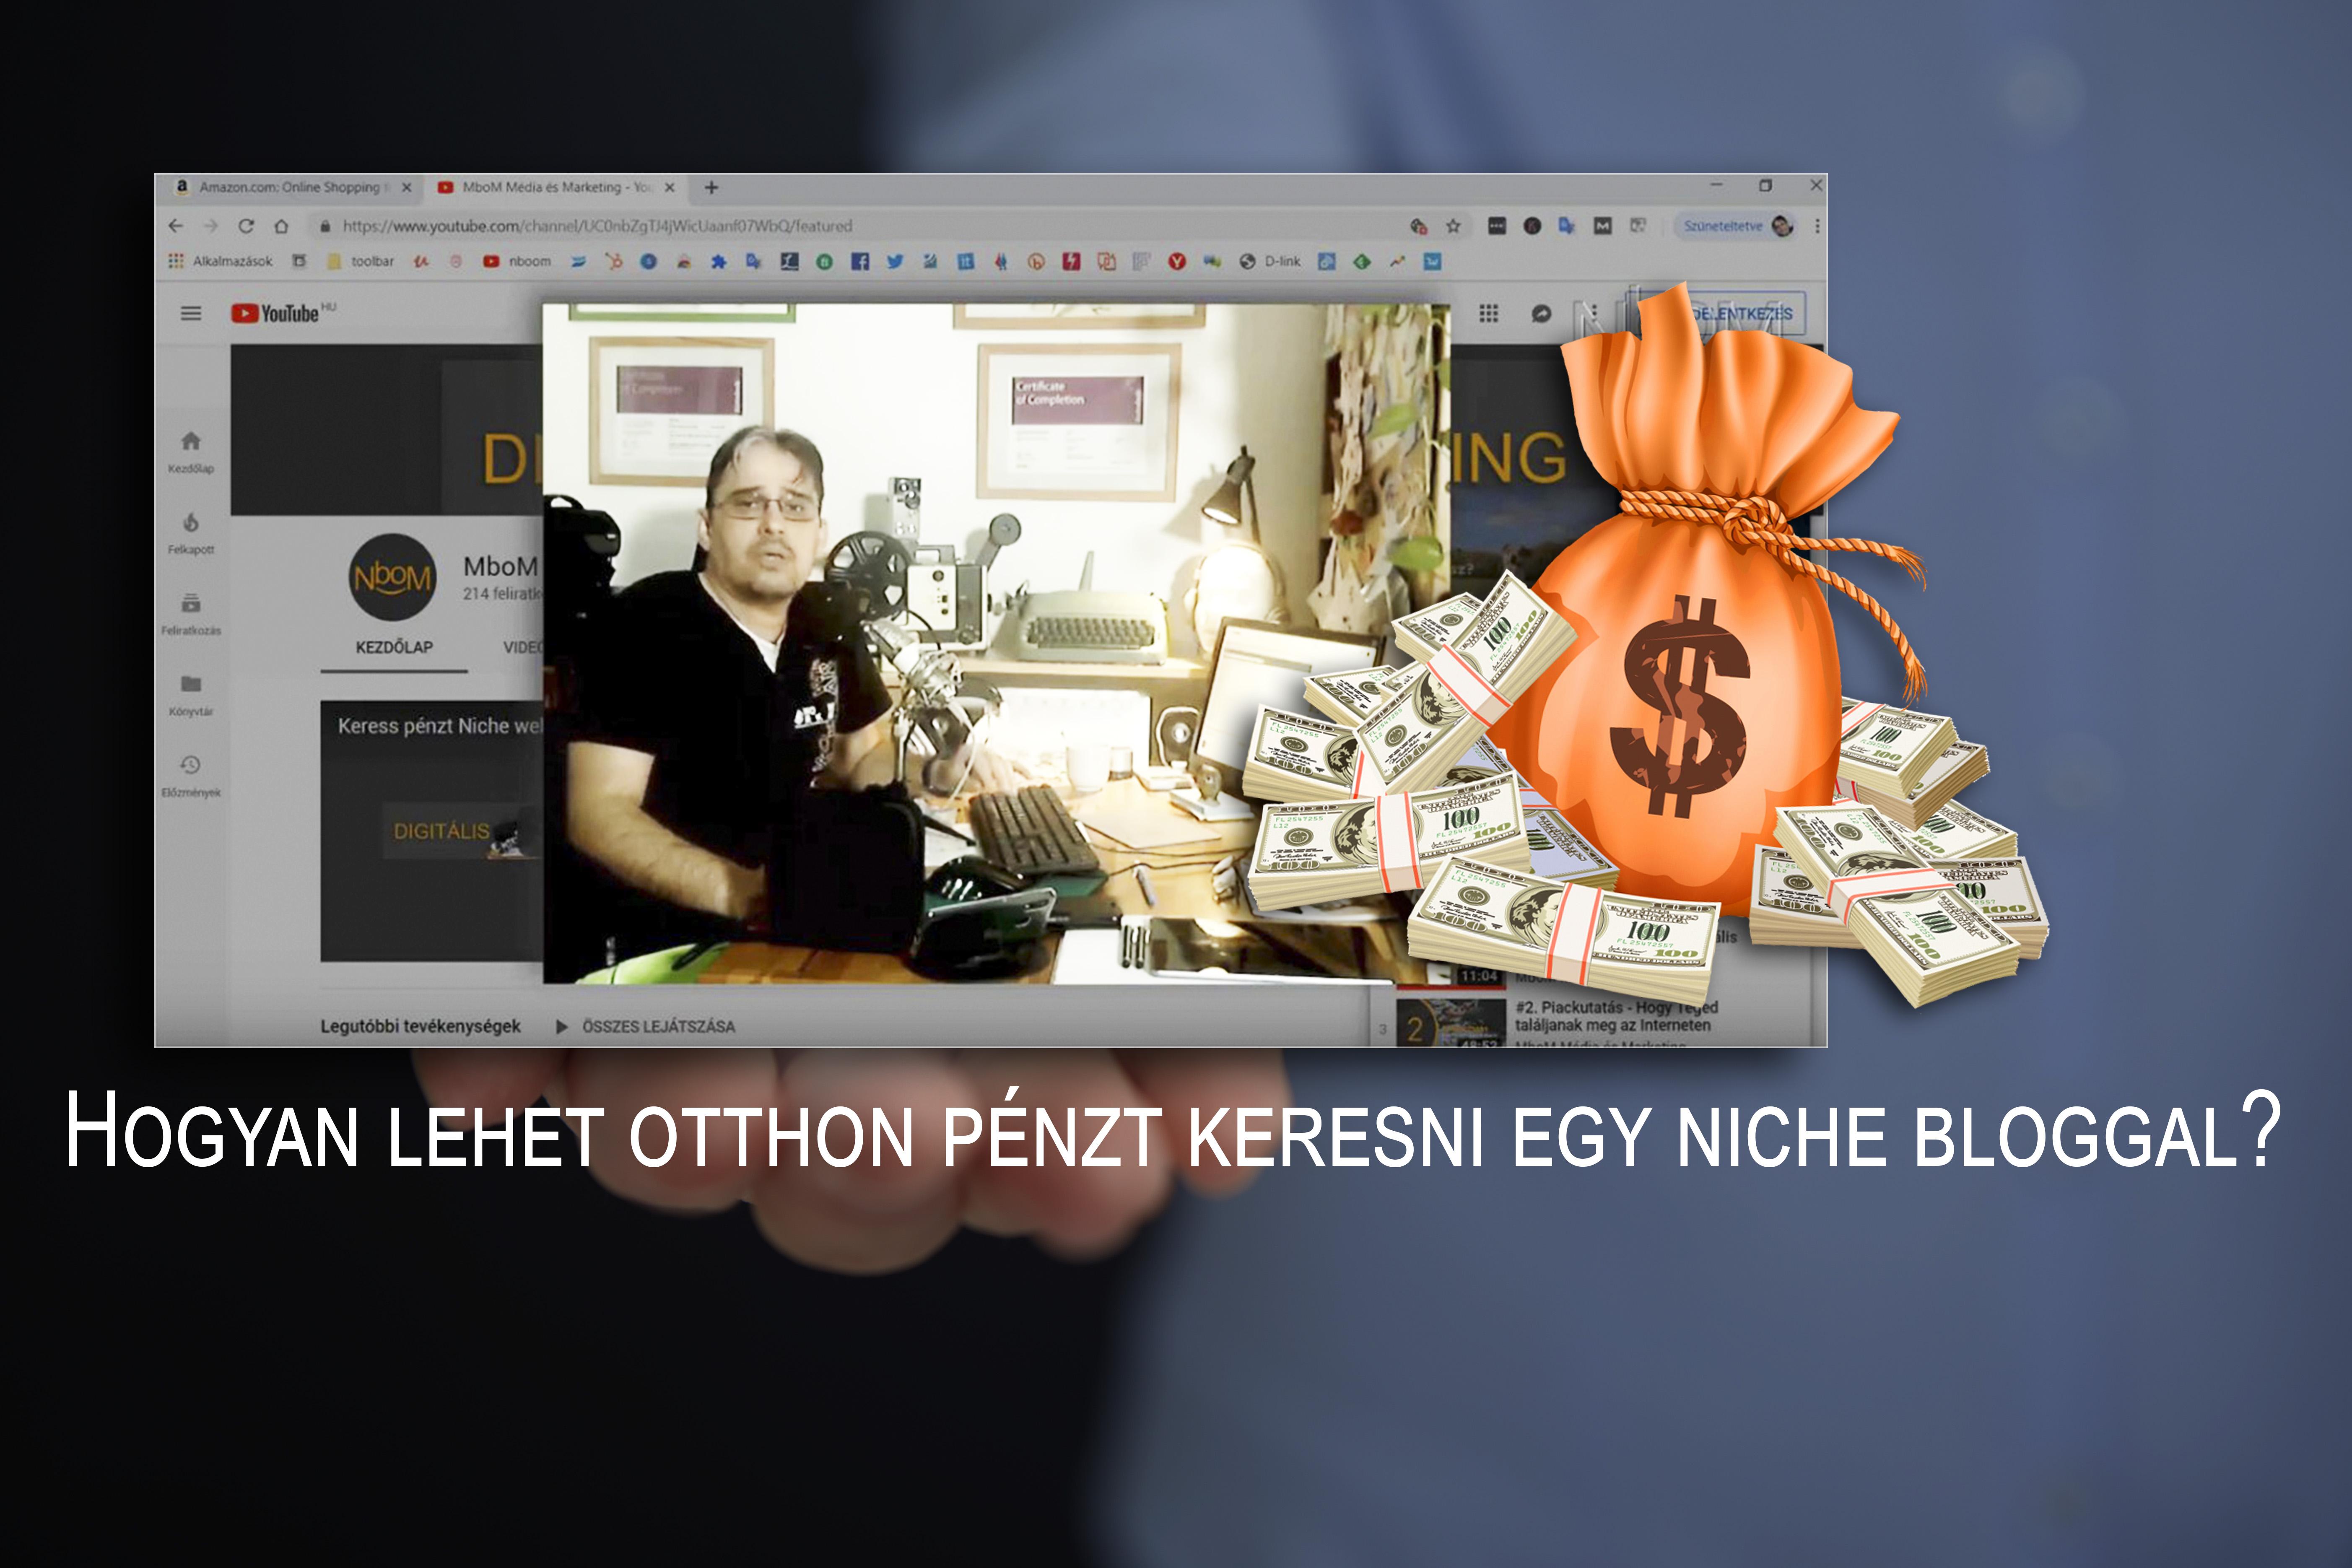 Játssz és szerezz valódi pénzt. Hol lehet pénzt szerezni az online játékok számára?